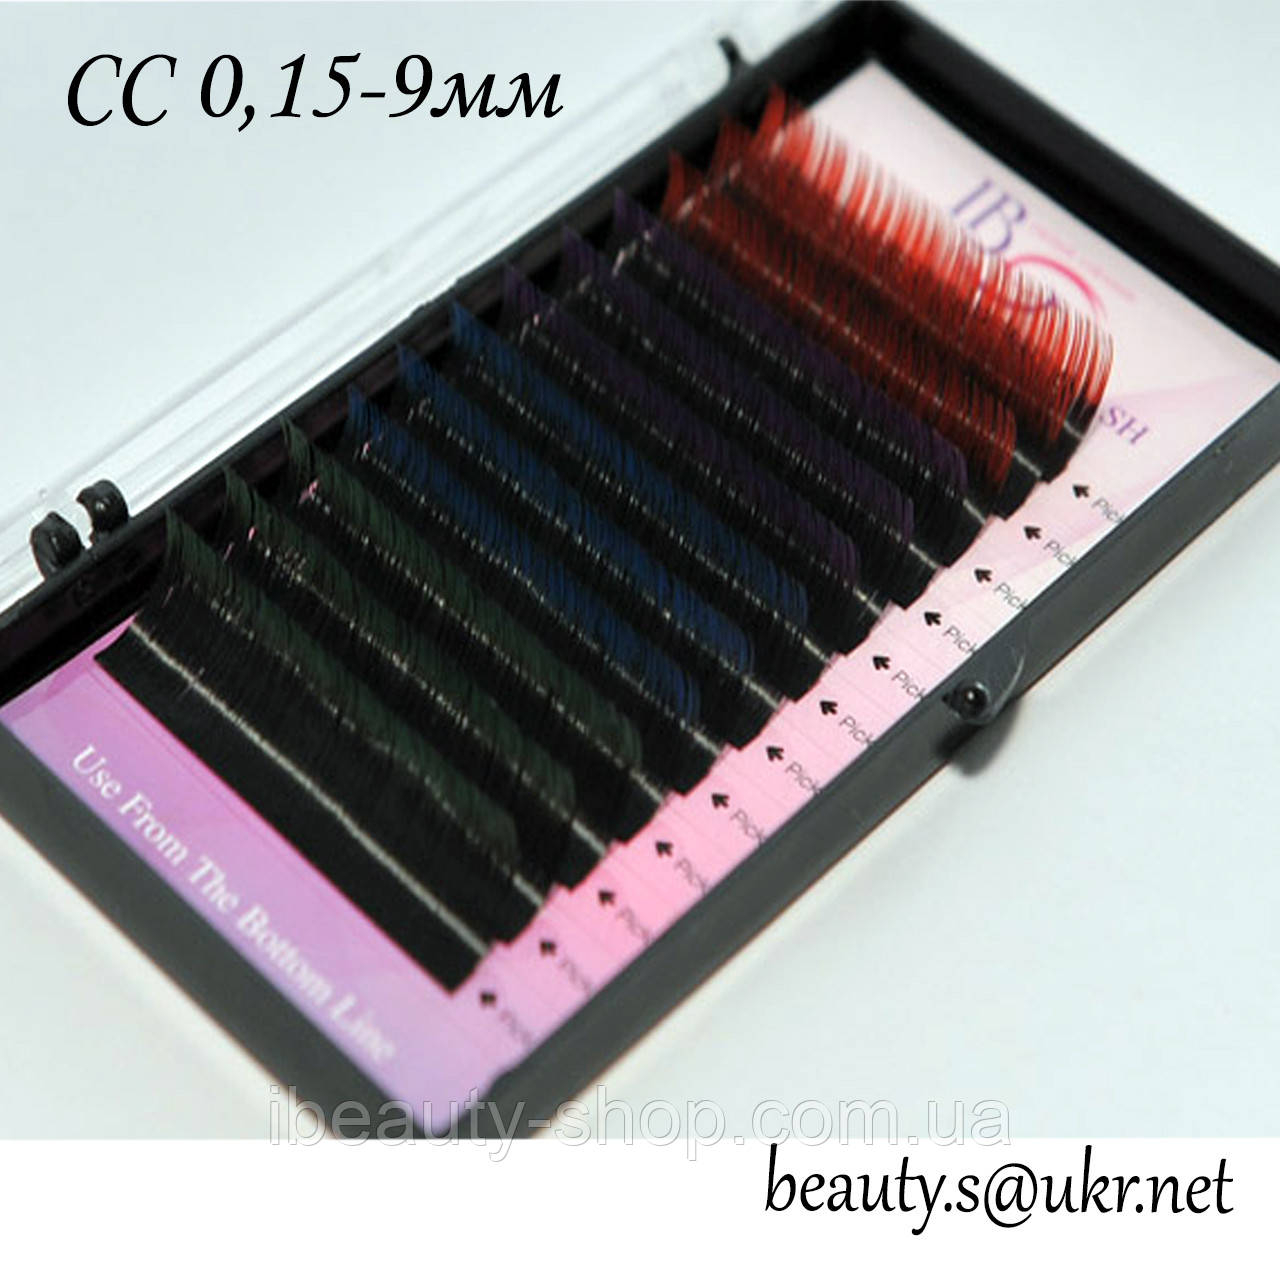 Вії I-Beauty, CC 0,15-9мм,кольорові кінці,4 кольори